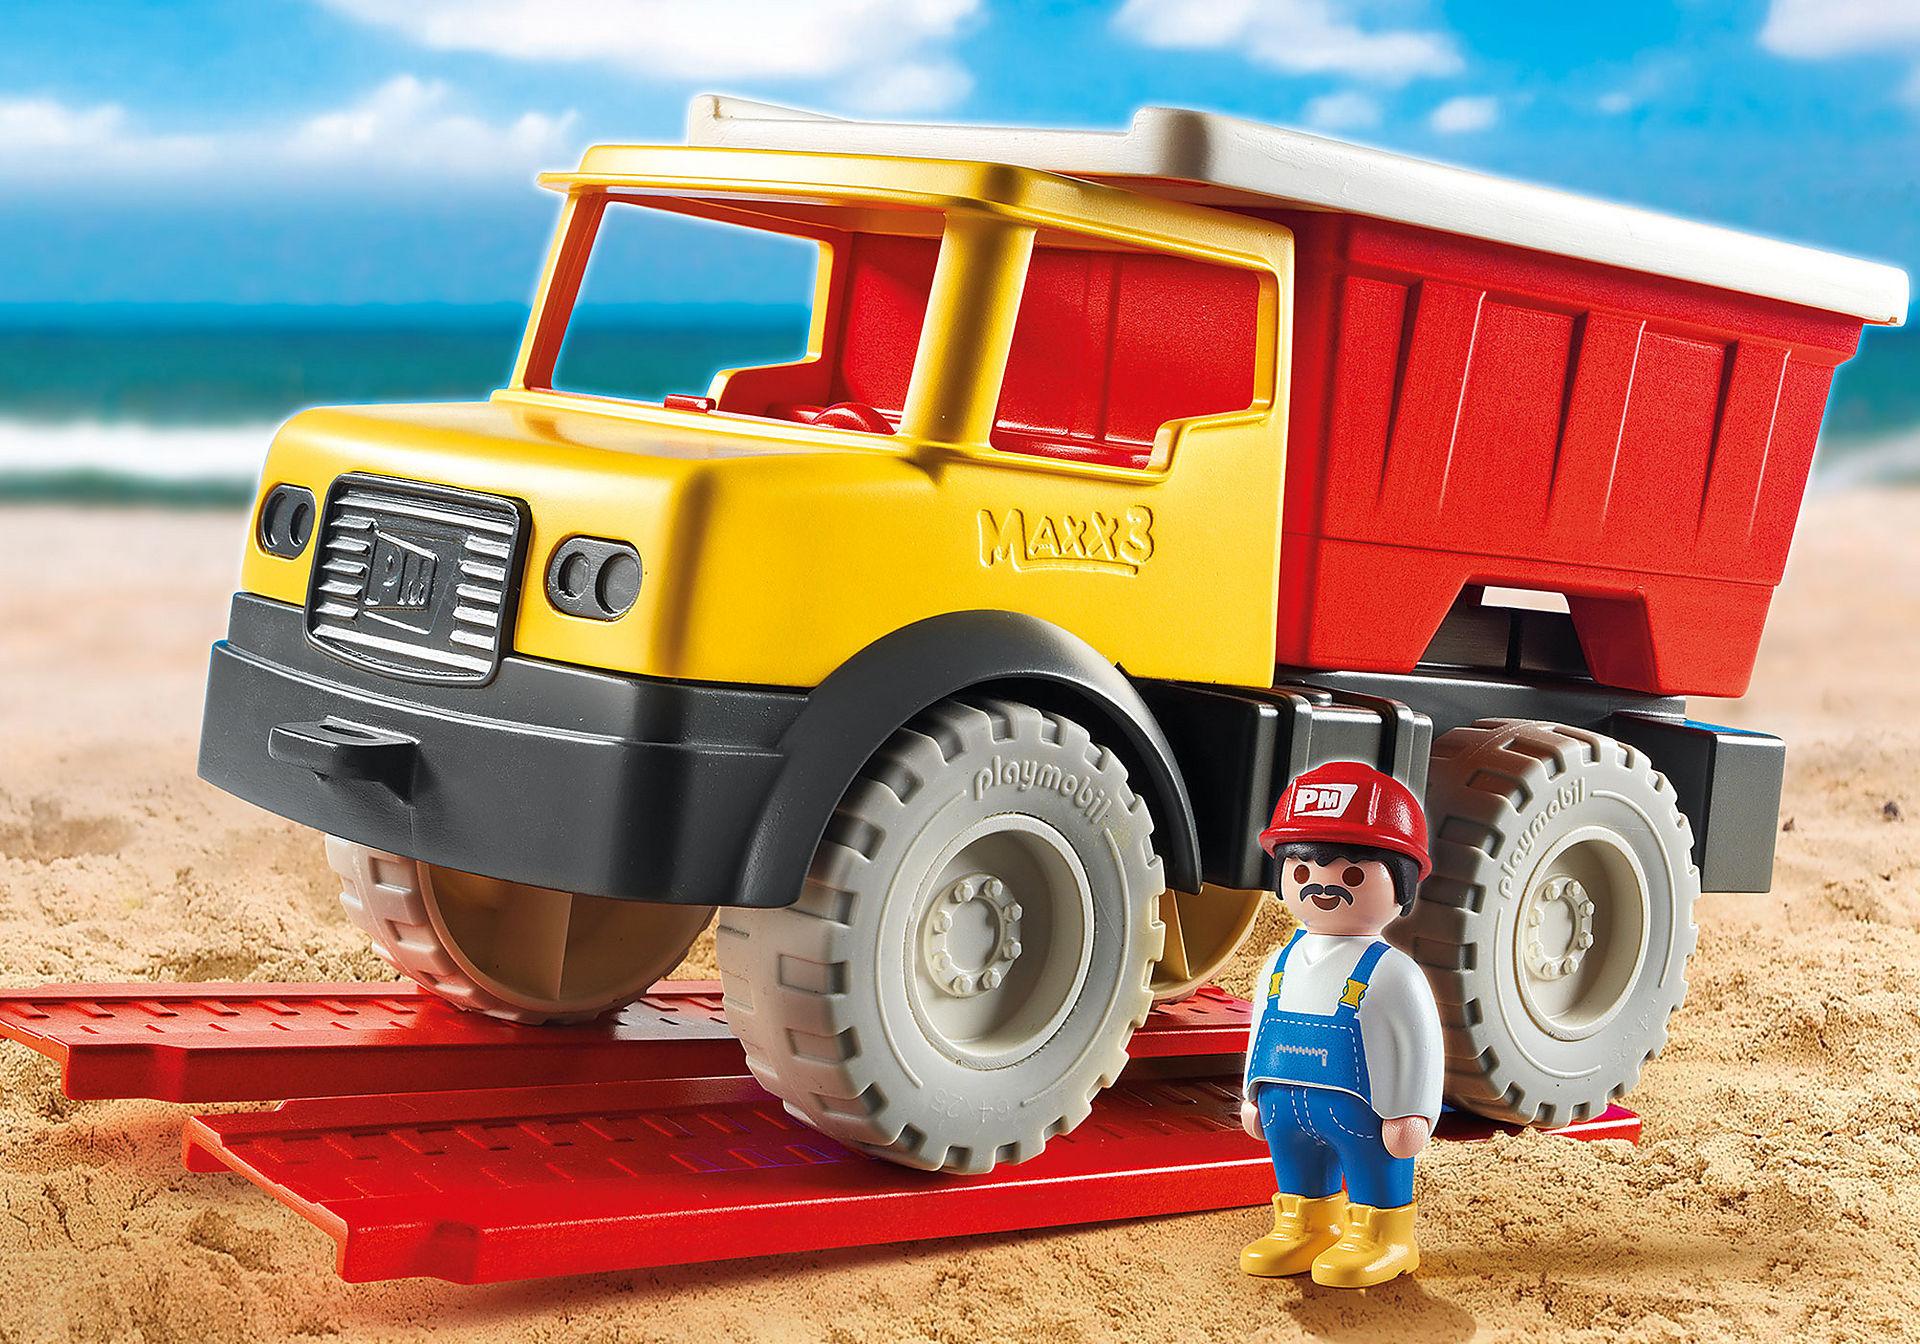 9142 Φορτηγό εξωτερικού χώρου zoom image1